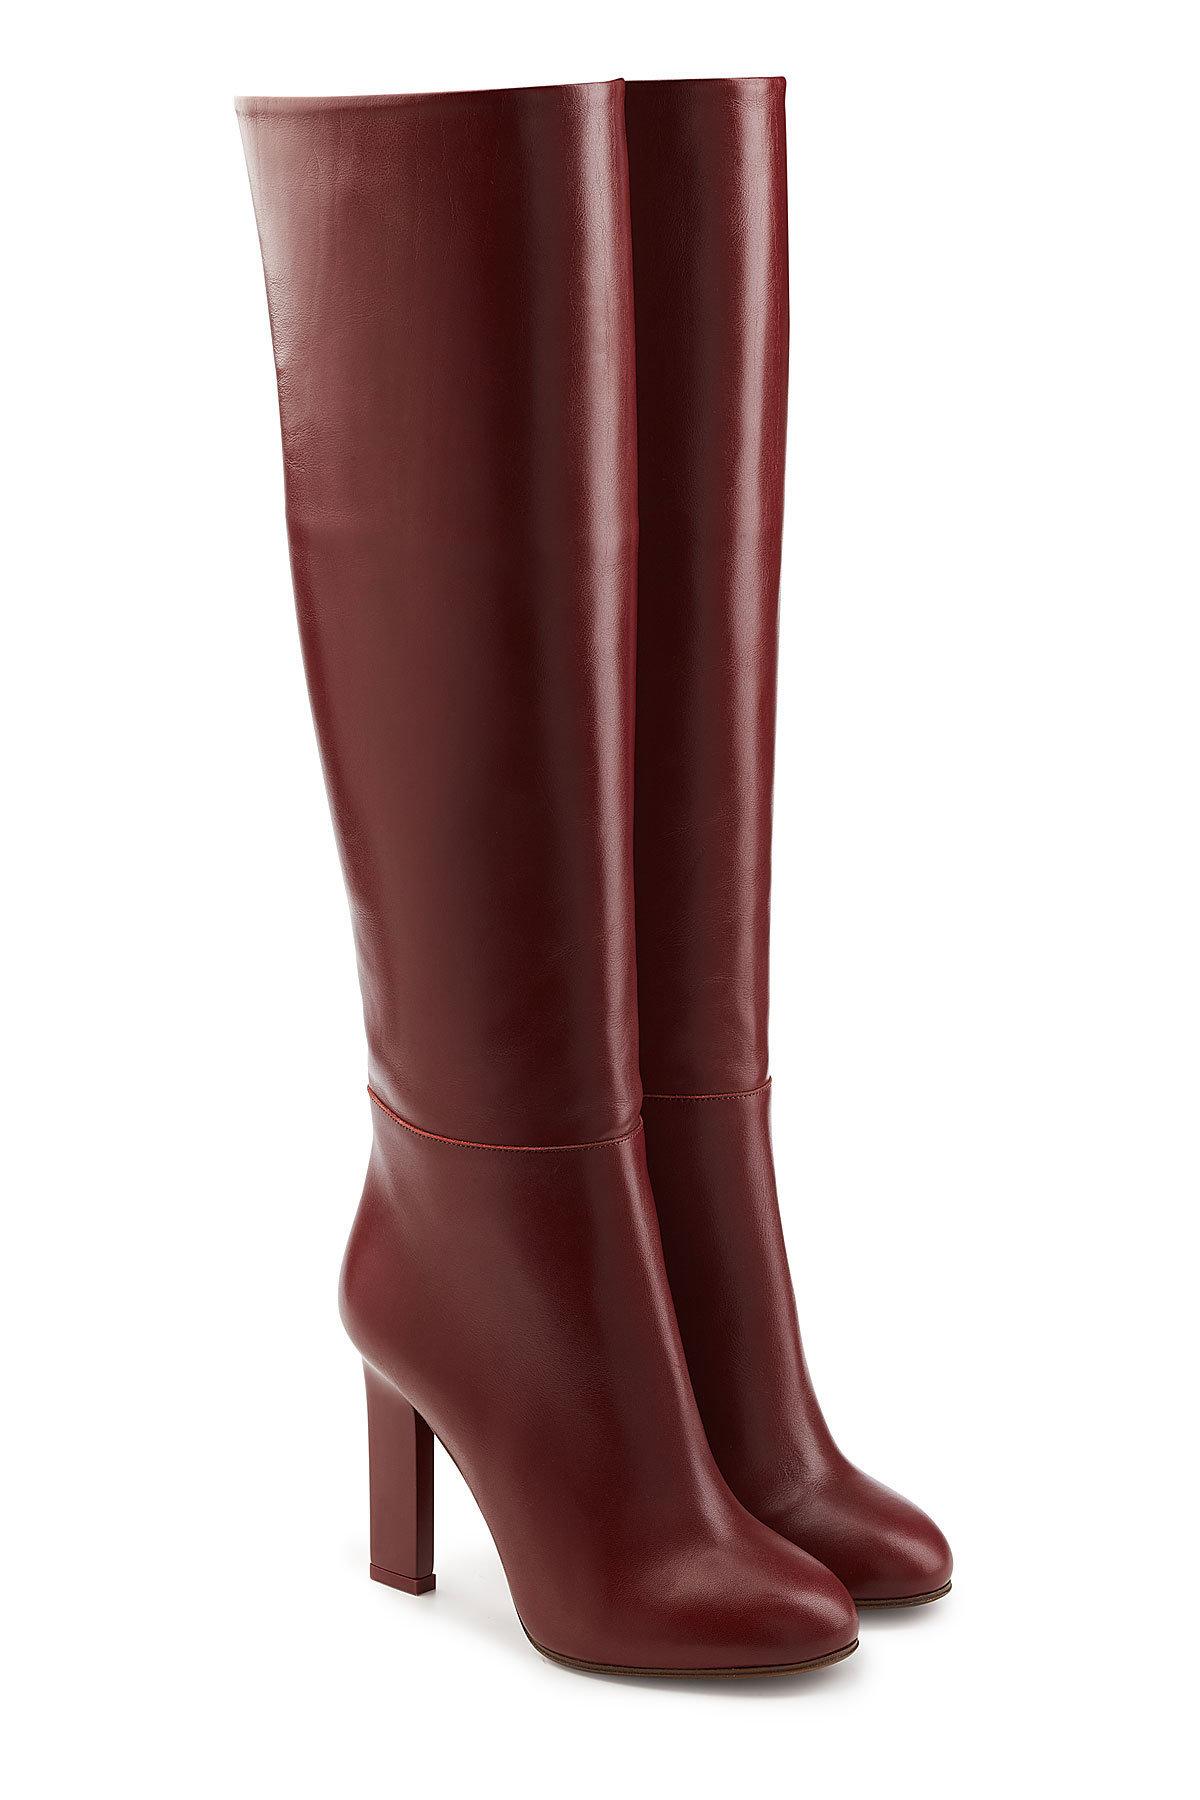 These Victoria Beckham burgundy knee